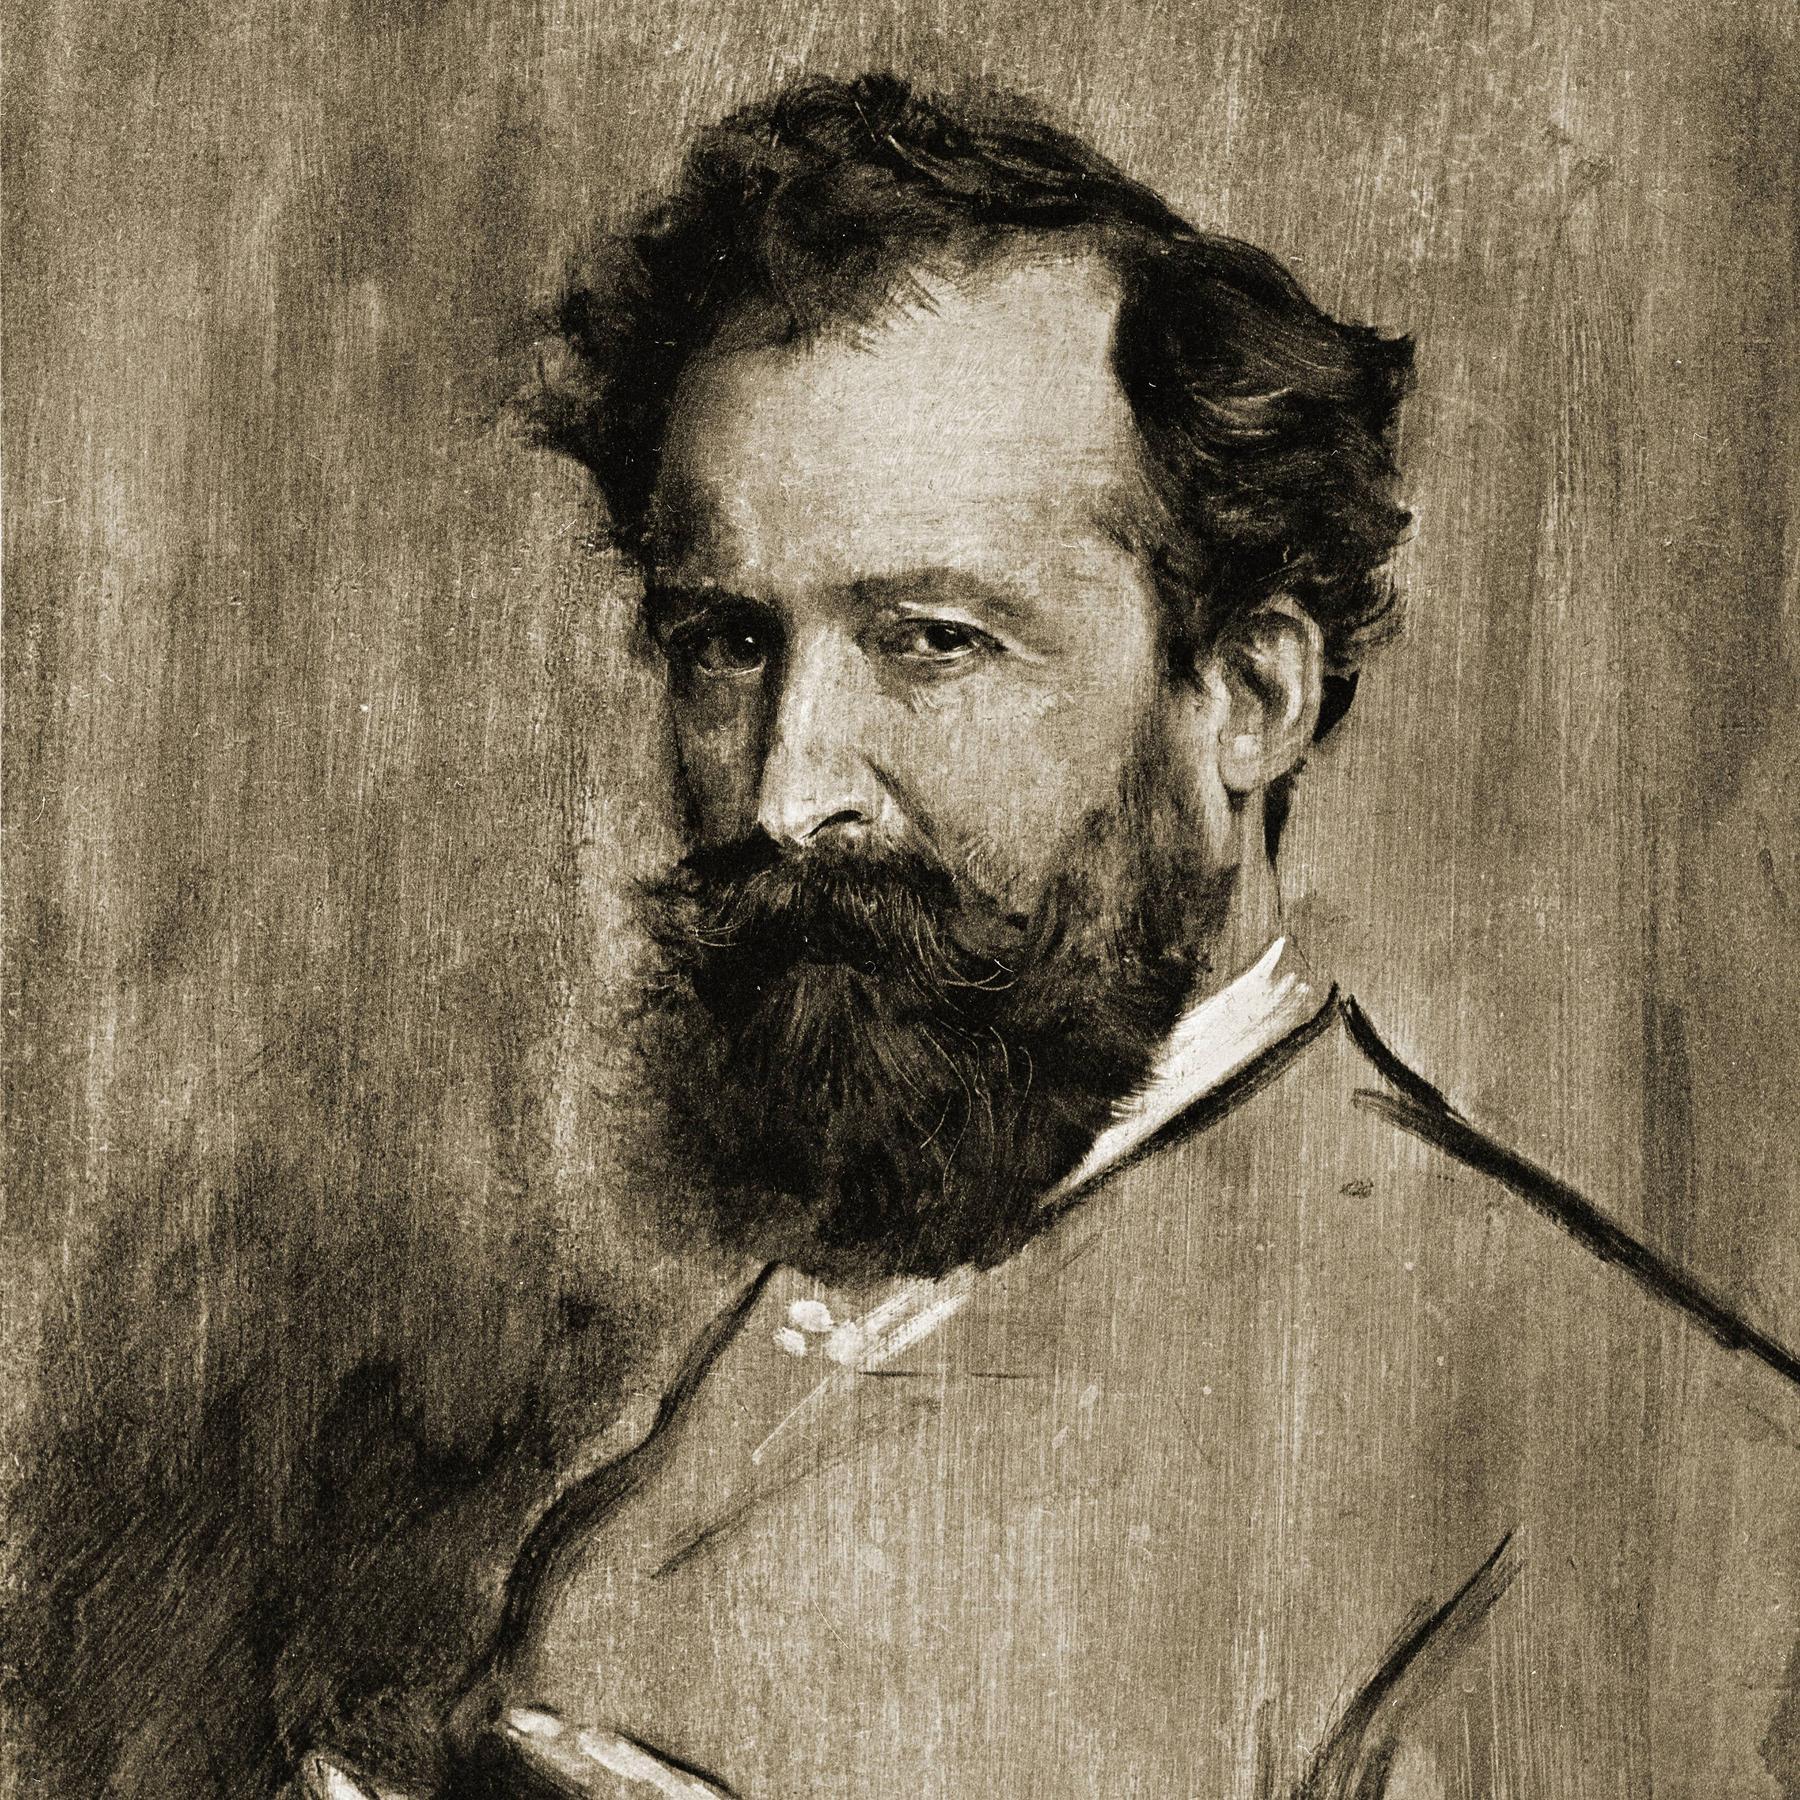 #01 Wilhelm Busch - Dichter, Zeichner, Kinderschreck